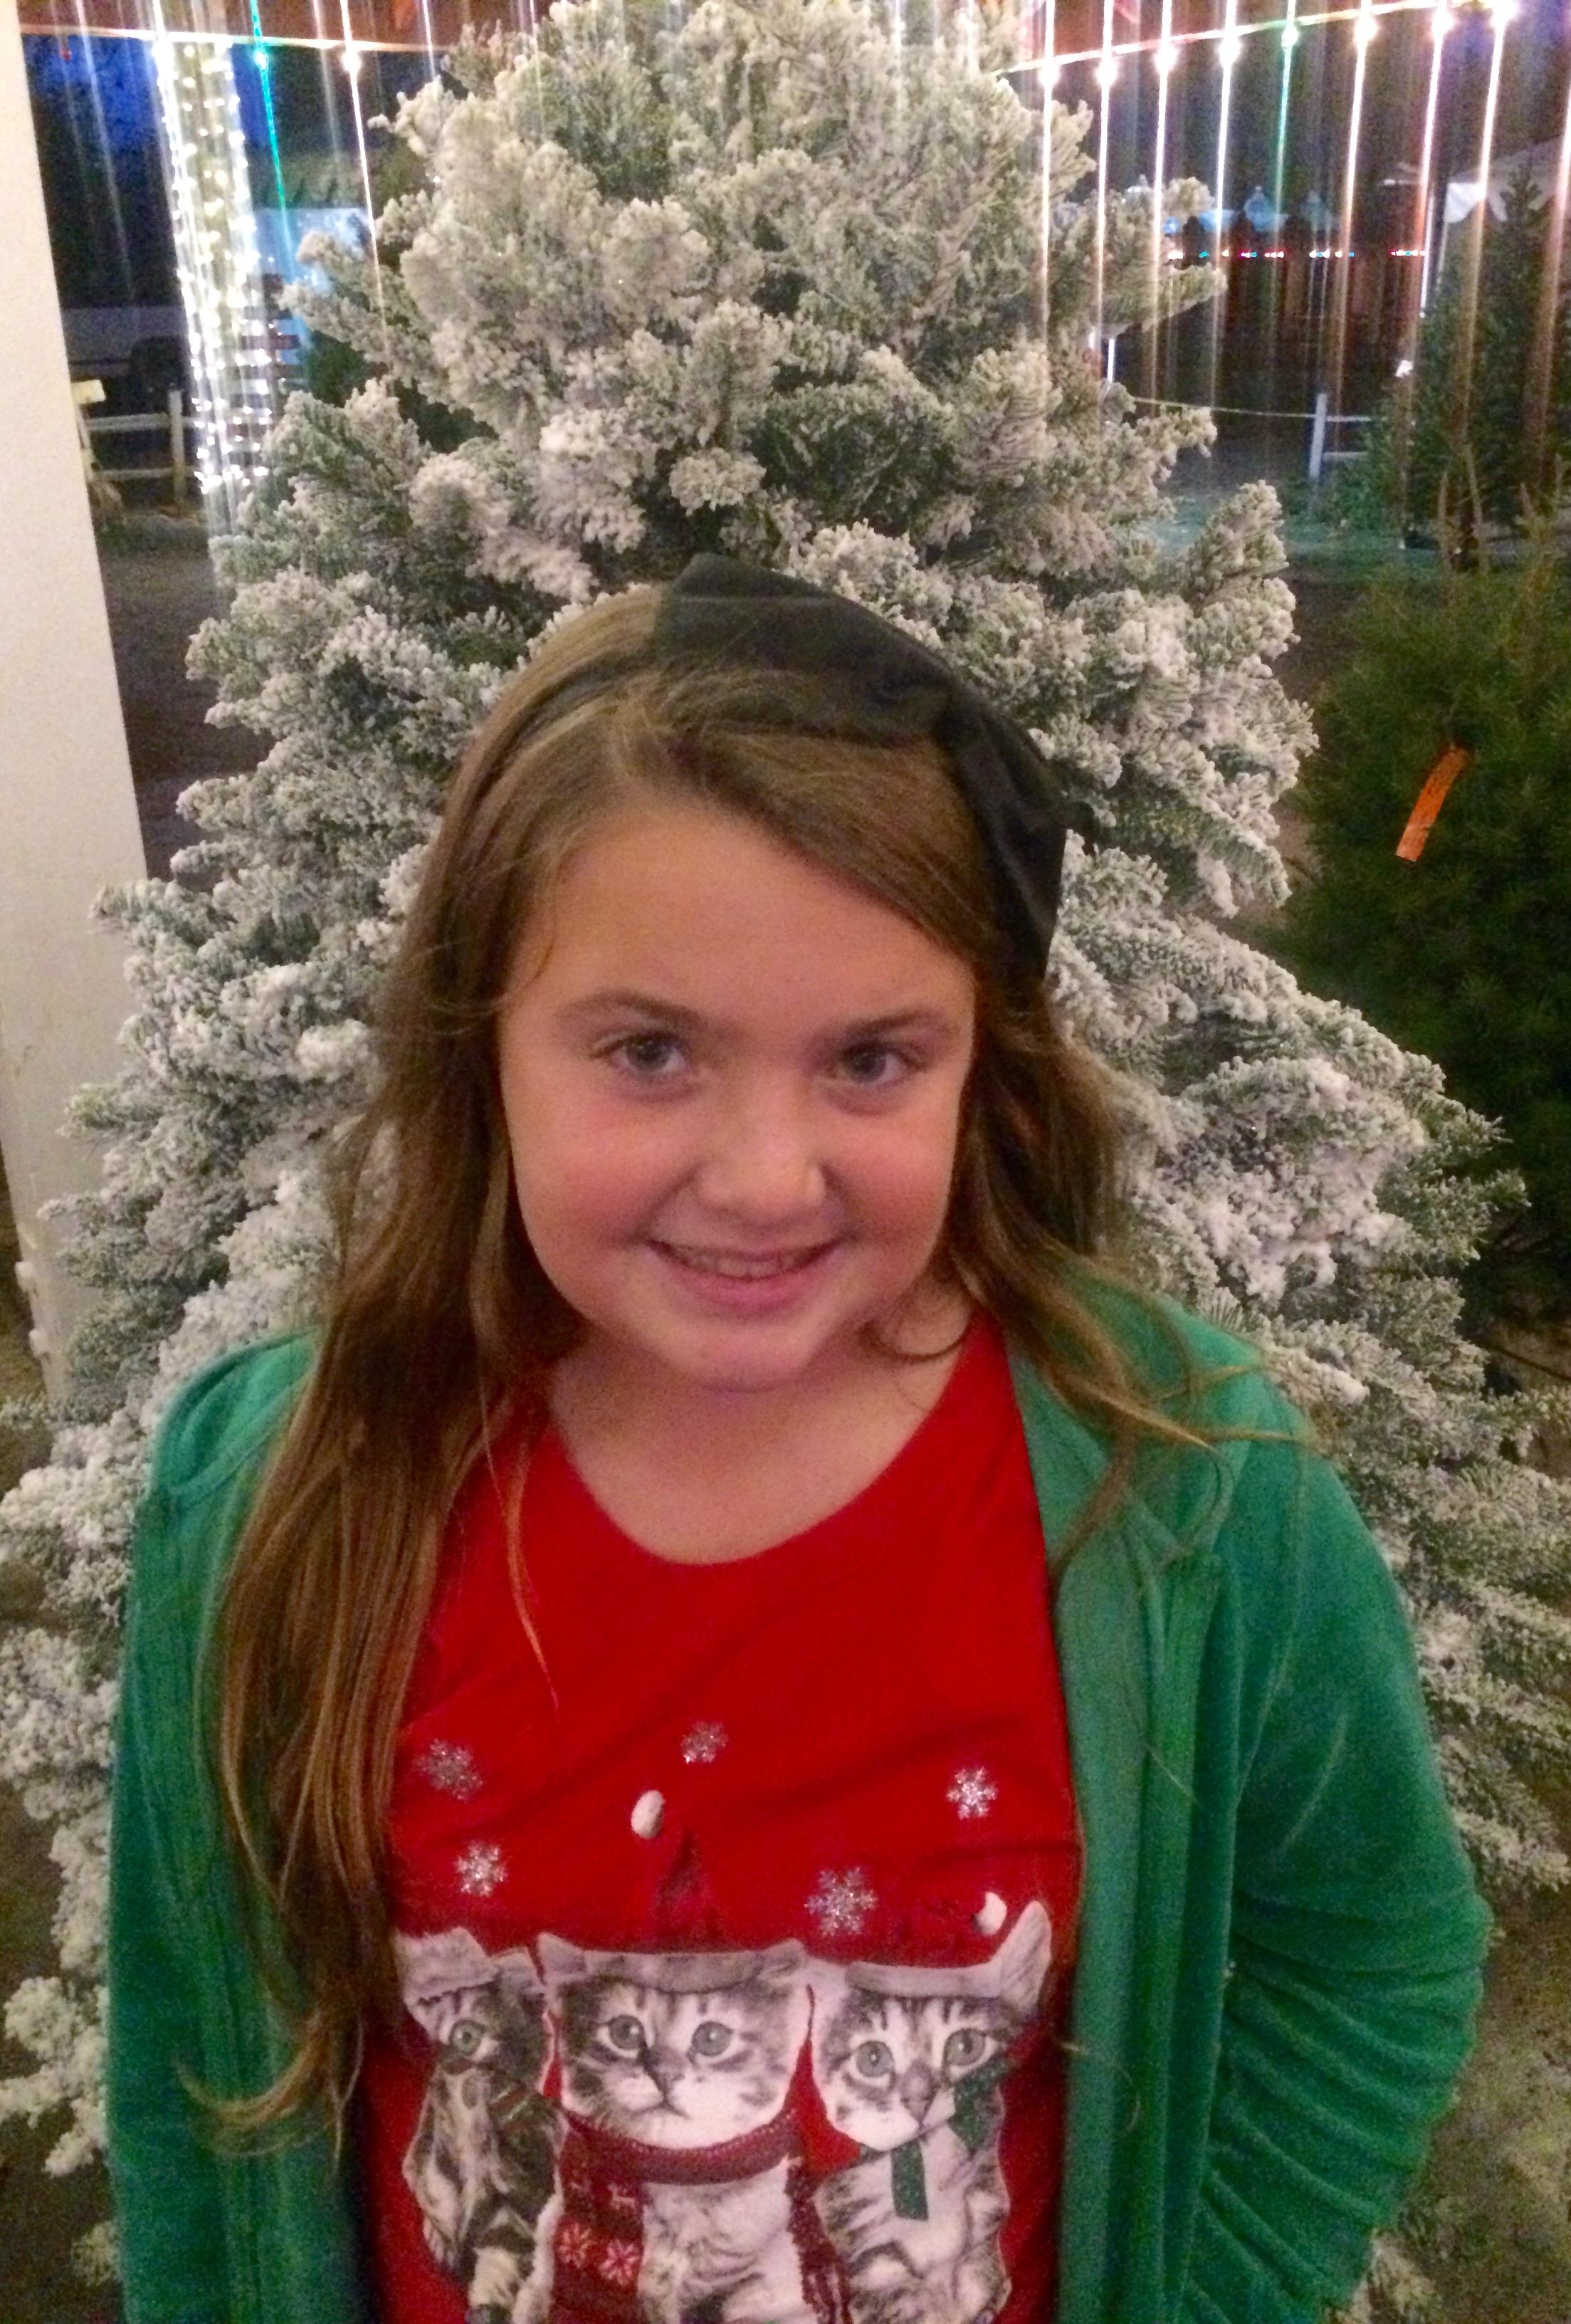 Irvine Park Railroad Christmas Tree